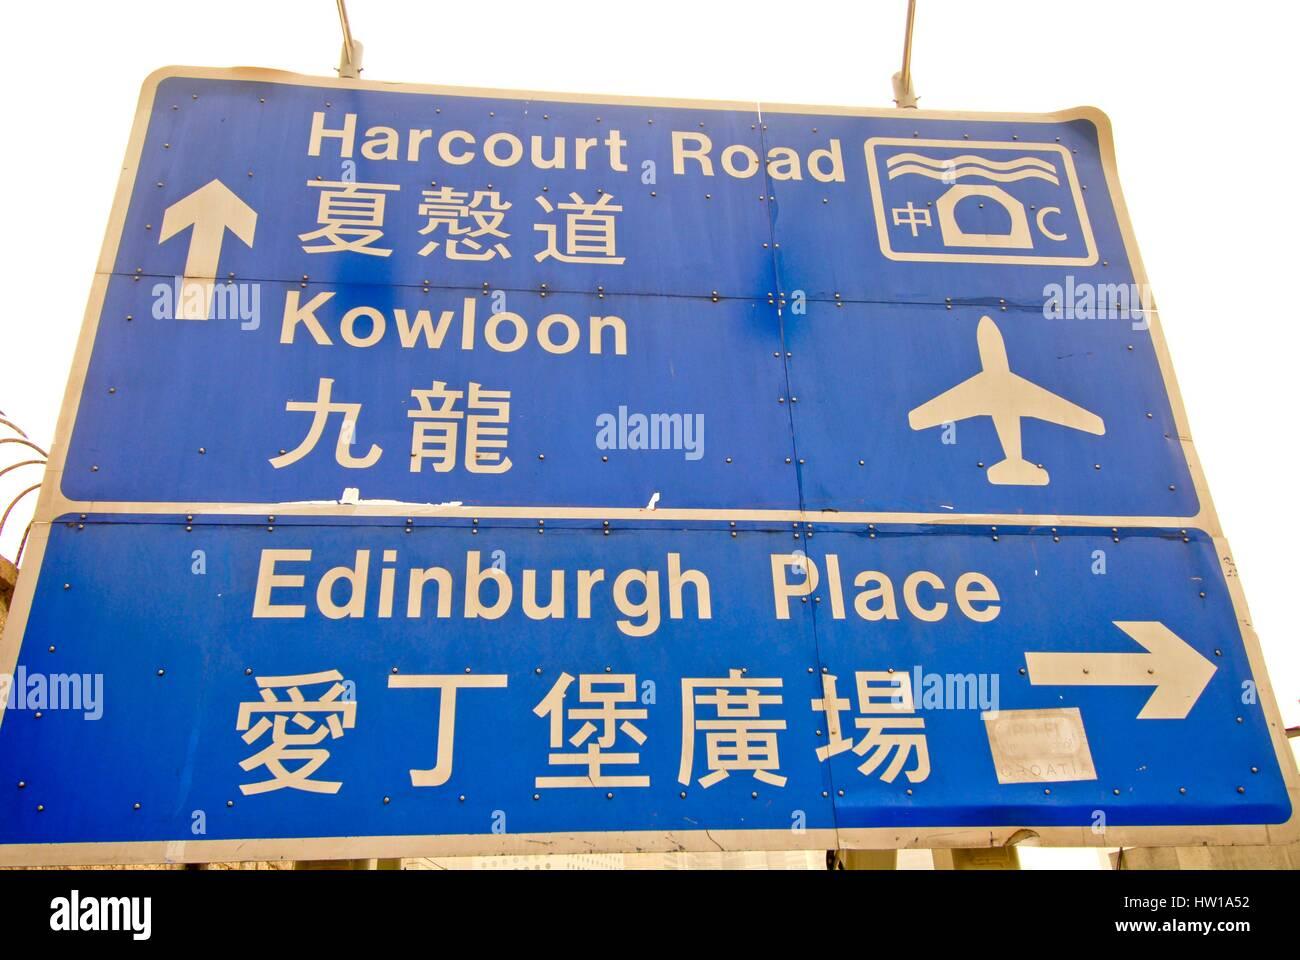 China - Hong Kong Iceland - street sign, China - Hong Kong Island - Strassenschild Stock Photo